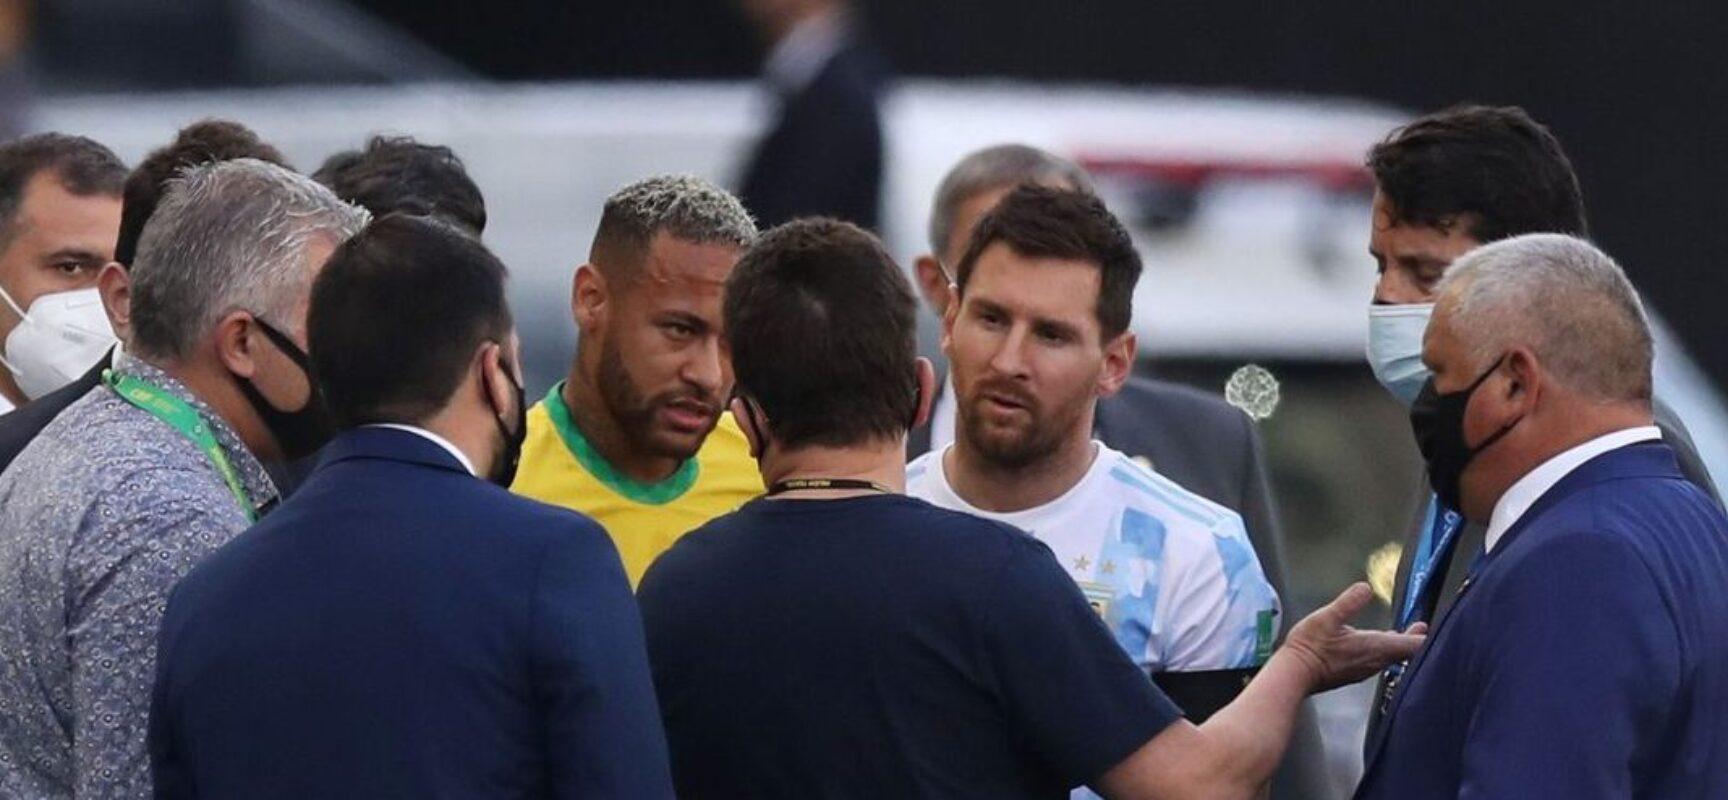 Anvisa paralisa jogo entre Brasil e Argentina; partida é encerrada